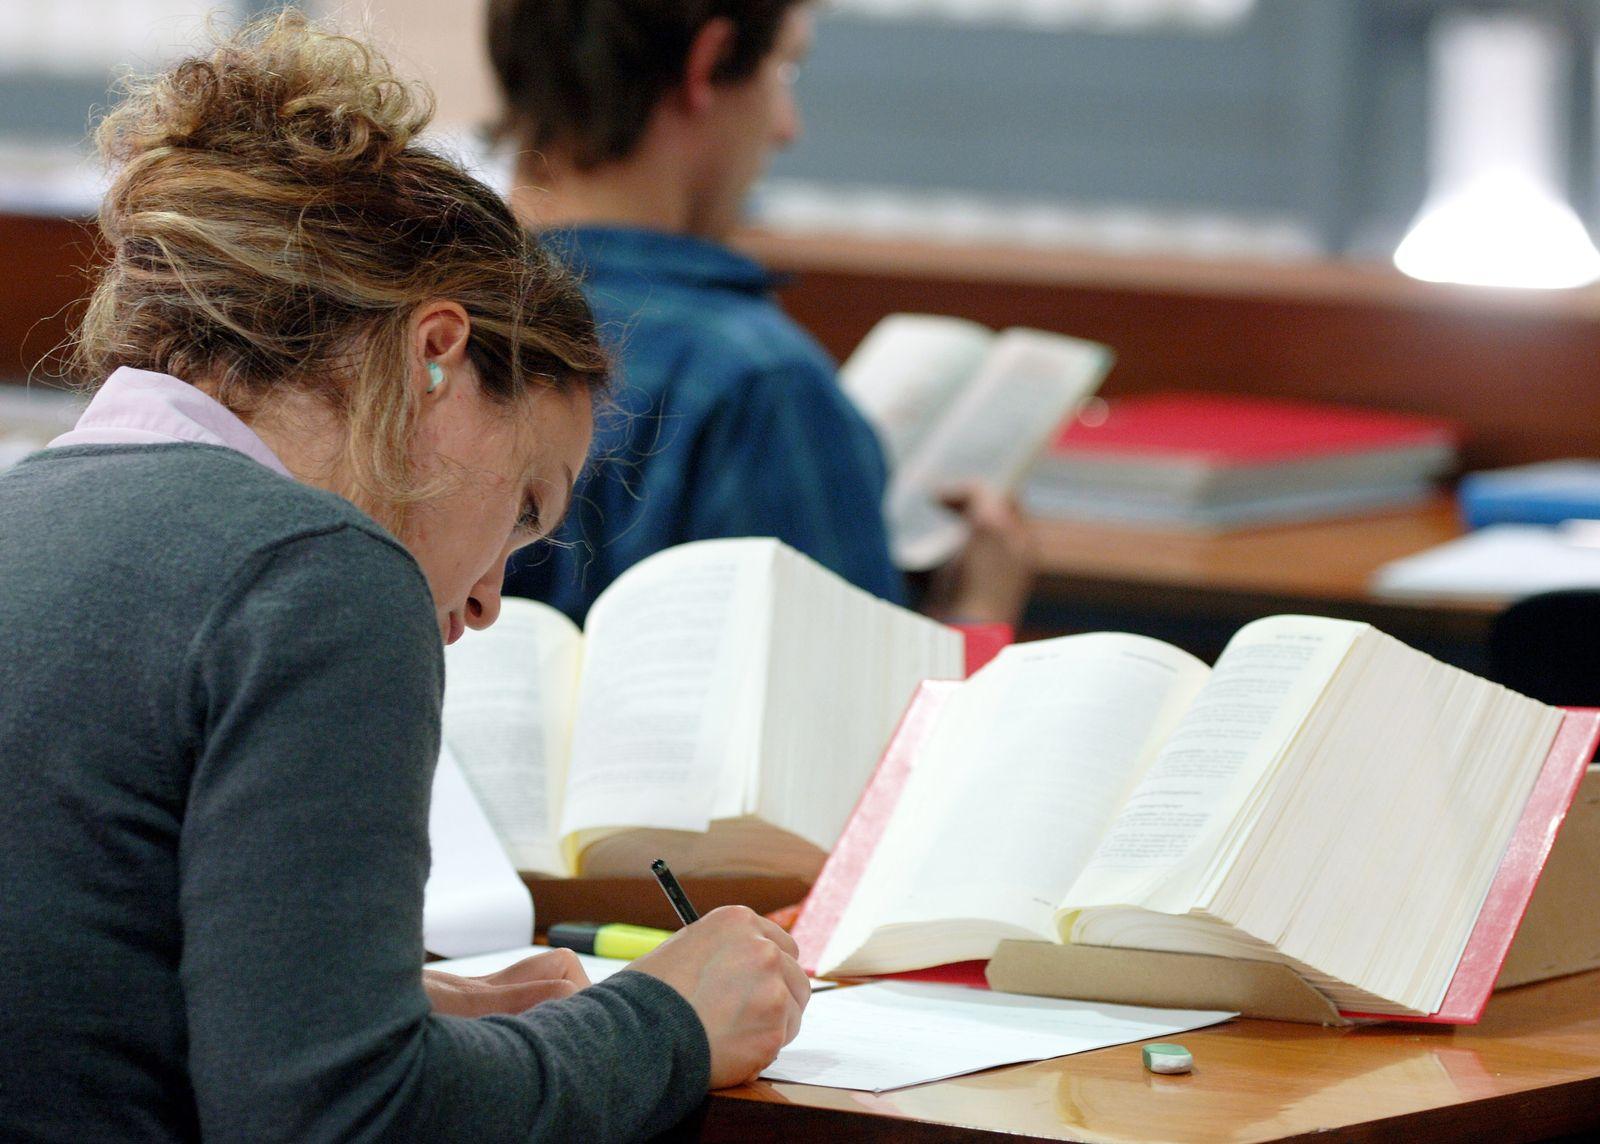 Studenten Bibliothek